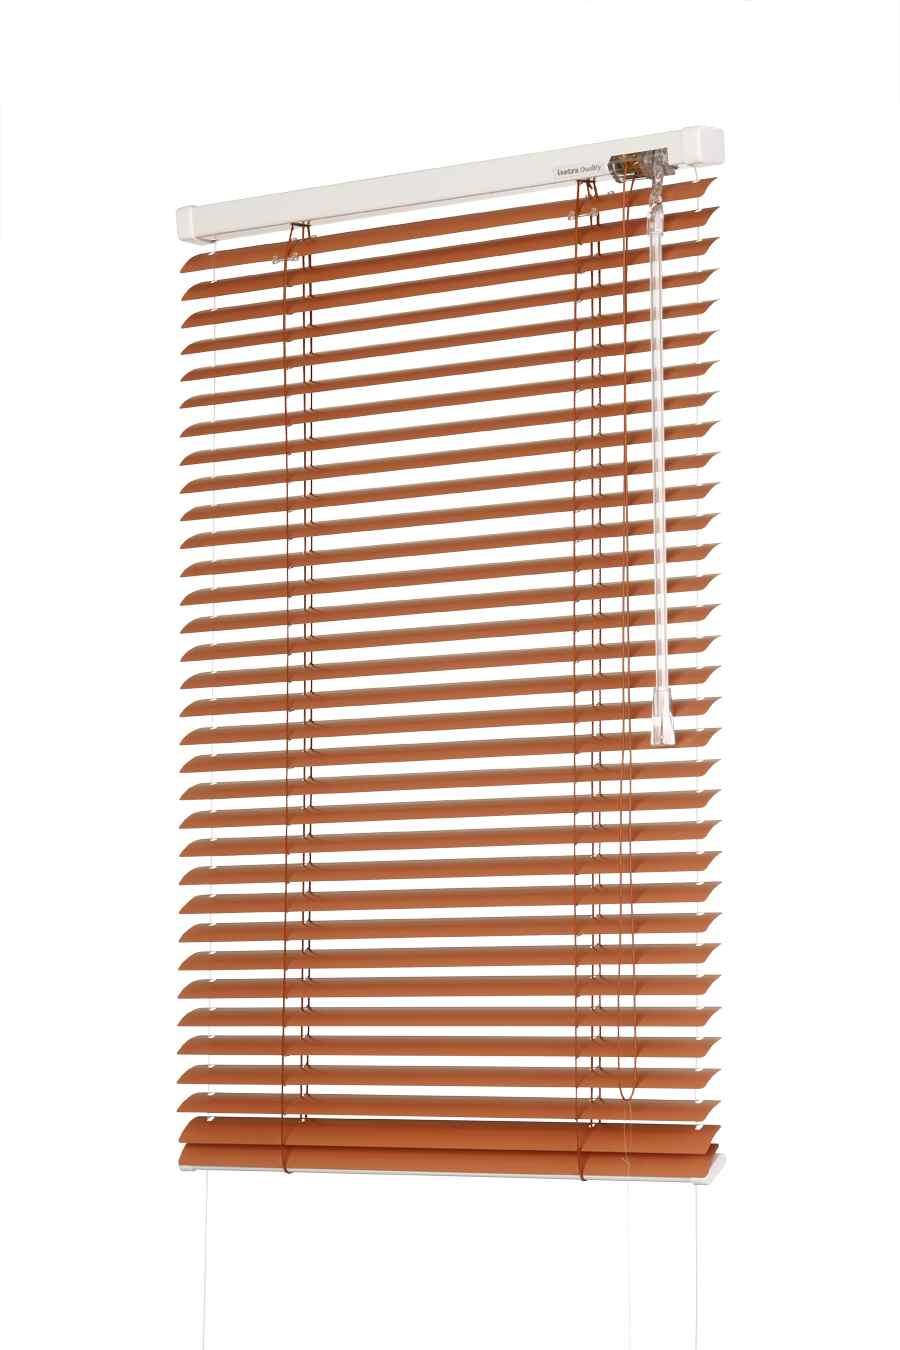 Žaluzie okenní hliníkové KLASIK šířka 140cm VÝŠKA: mezi 201-400mm, TYP: vpravo